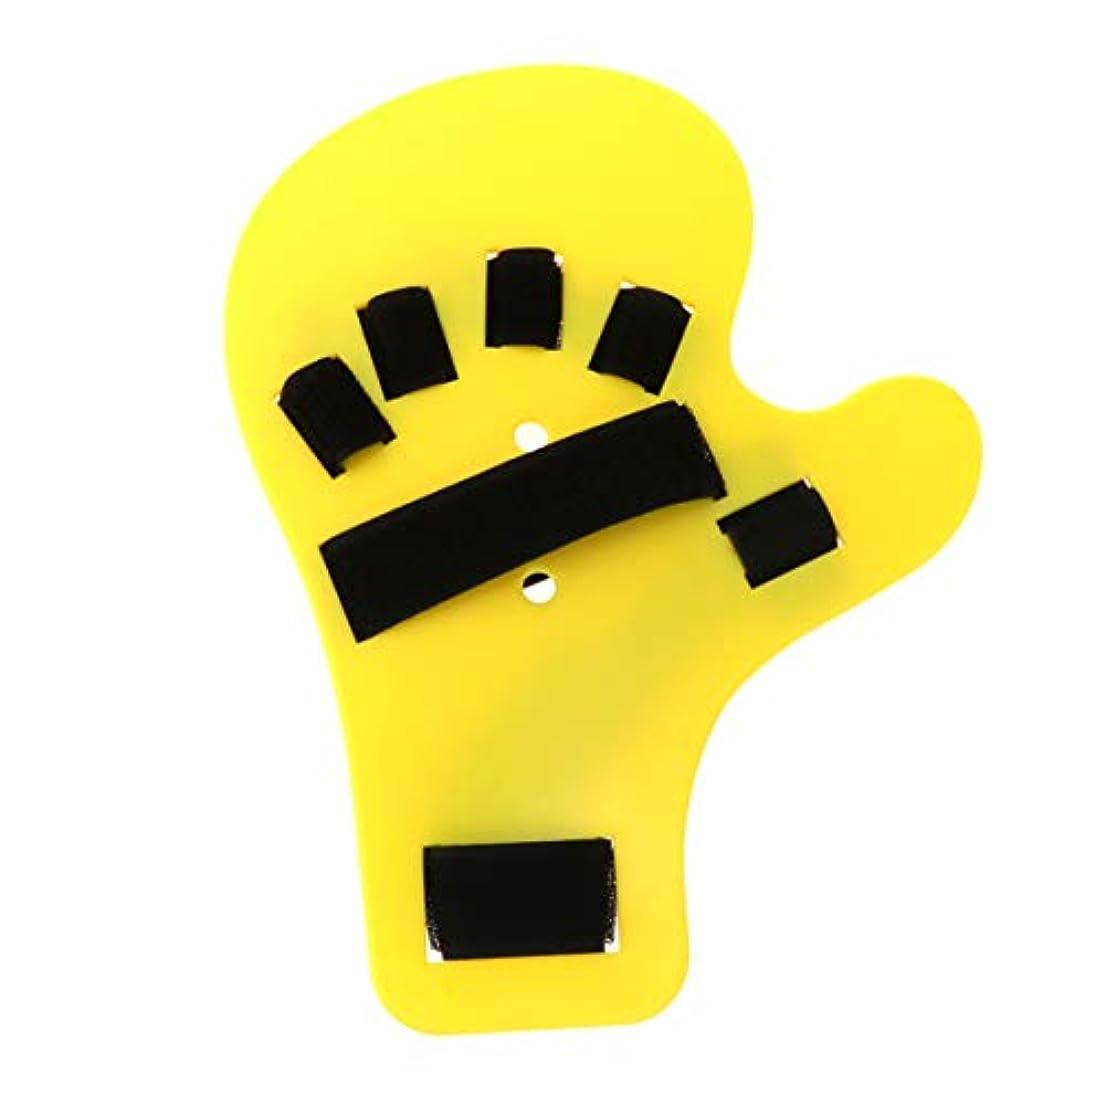 まだ援助する薄いSUPVOX 指装具指板ストロークハンドスプリントトレーニングサポートハンド手首トレーニング右手用装具デバイス